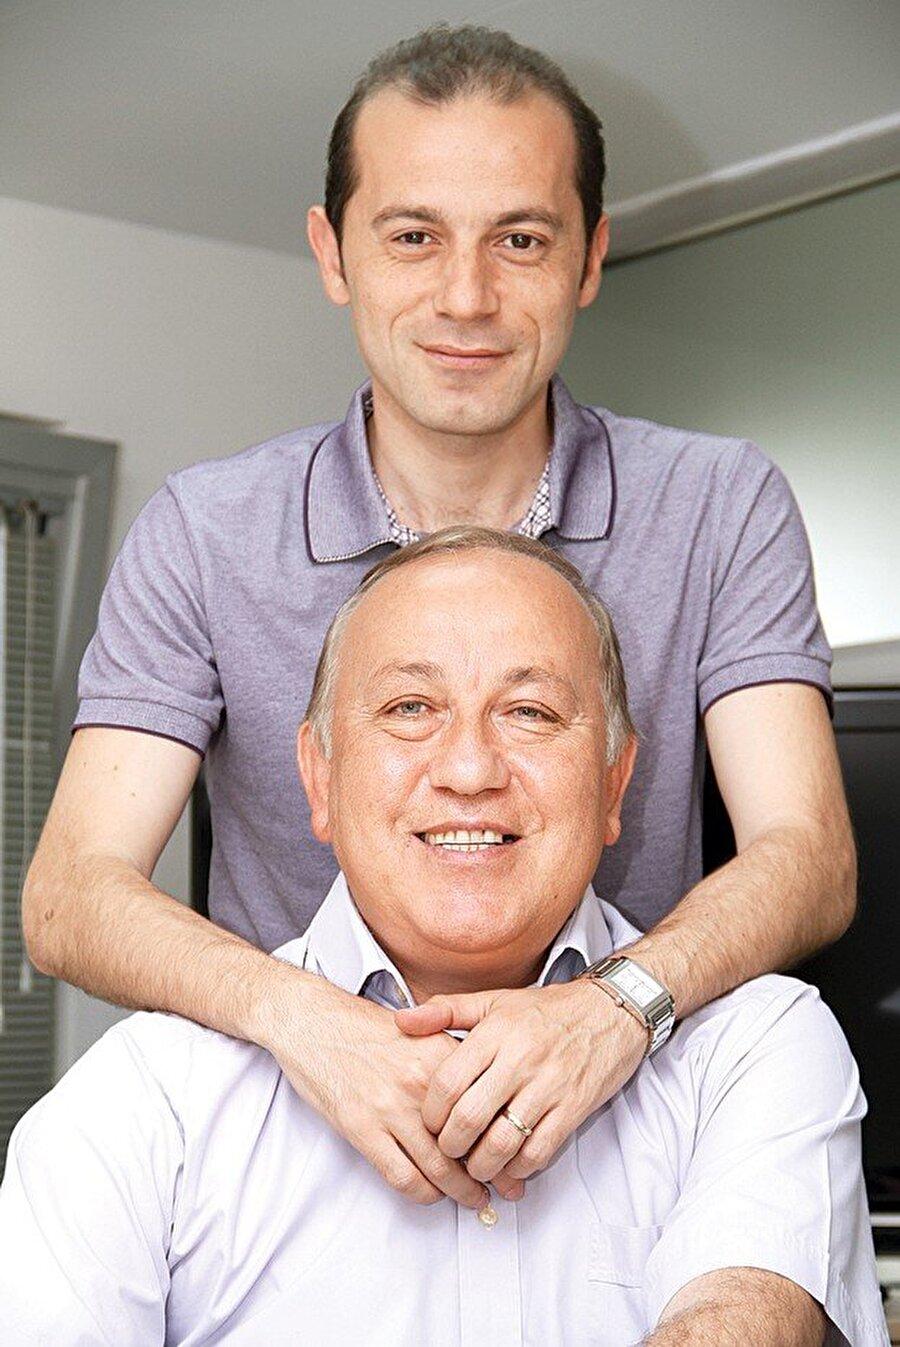 Baba mesleğini seçti Eski hakem Serdar Çakır'ın oğlu olan Cüneyt Çakır, 23 Kasım 1976'da İstanbul'da dünyaya geldi.